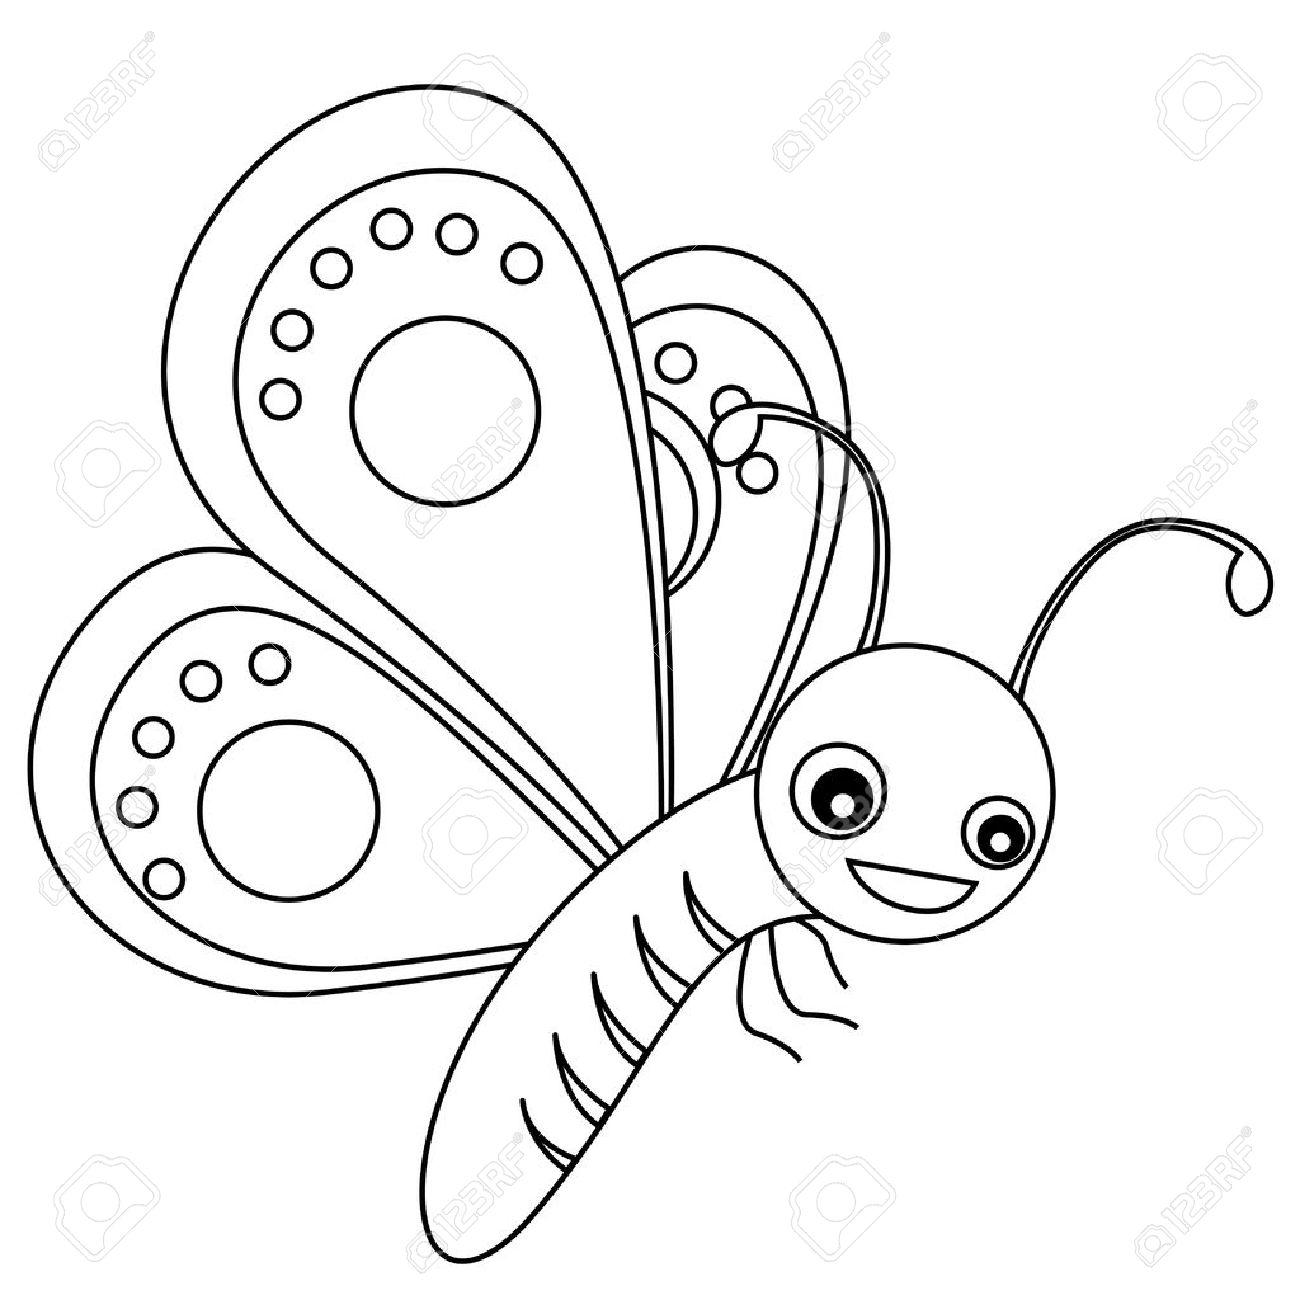 Gráfico Lindo Imprimible Mariposa Esbozado Para Pre Niños De La ...